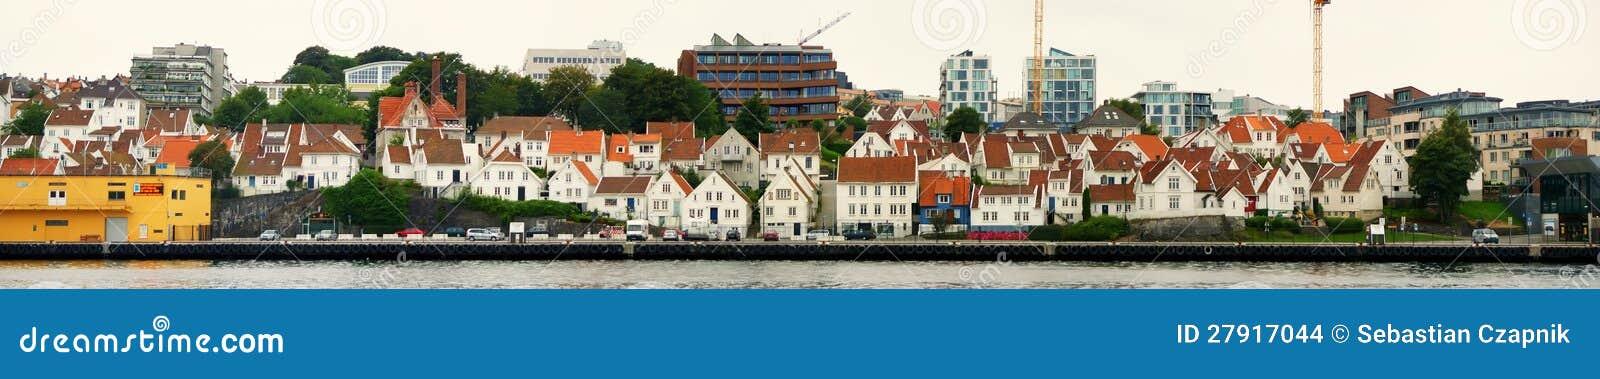 De stad van Stavanger